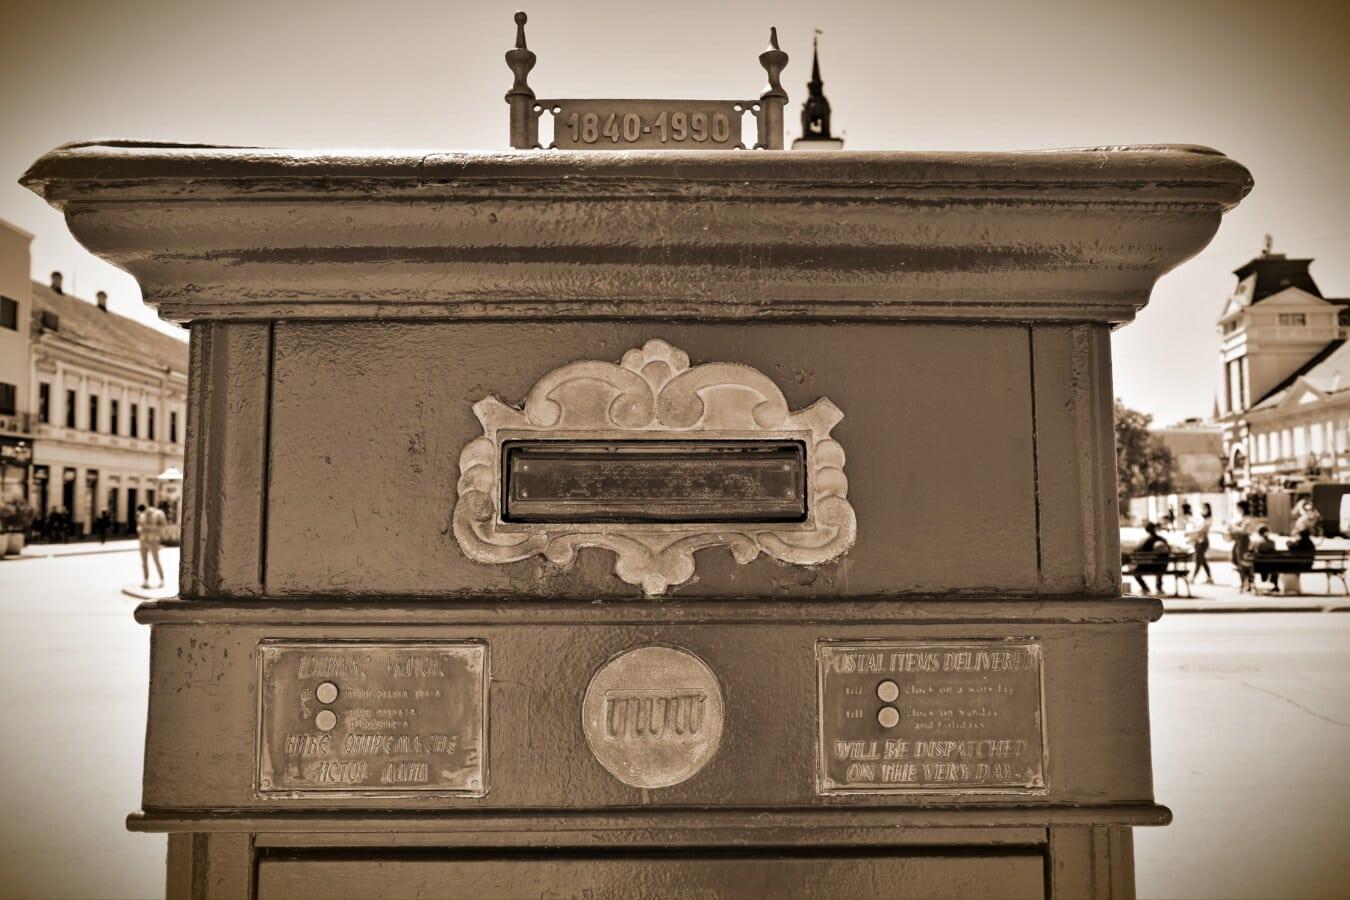 historique, photographie, boîte aux lettres, fente de courrier, vintage, démodé, nostalgie, sépia, architecture, conteneur